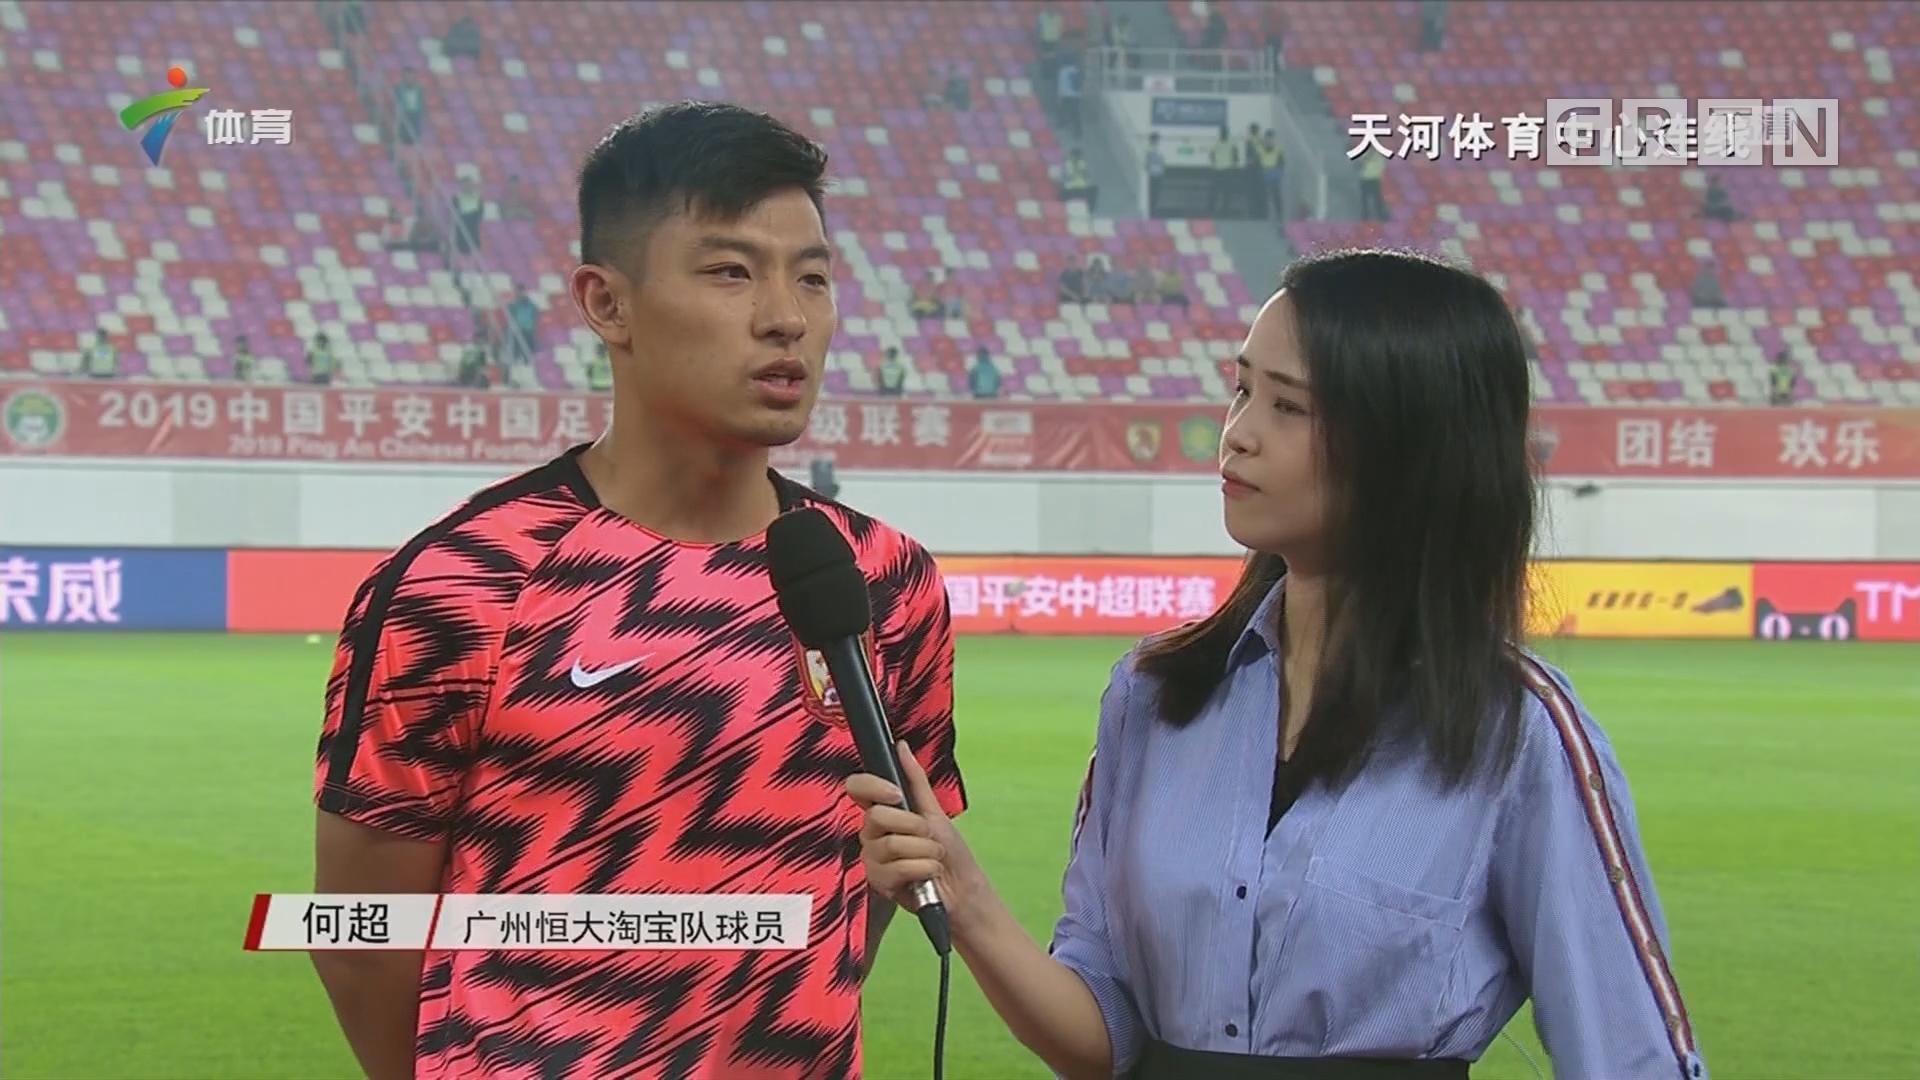 记者连线:广州恒大淘宝vs山东鲁能泰山赛前采访